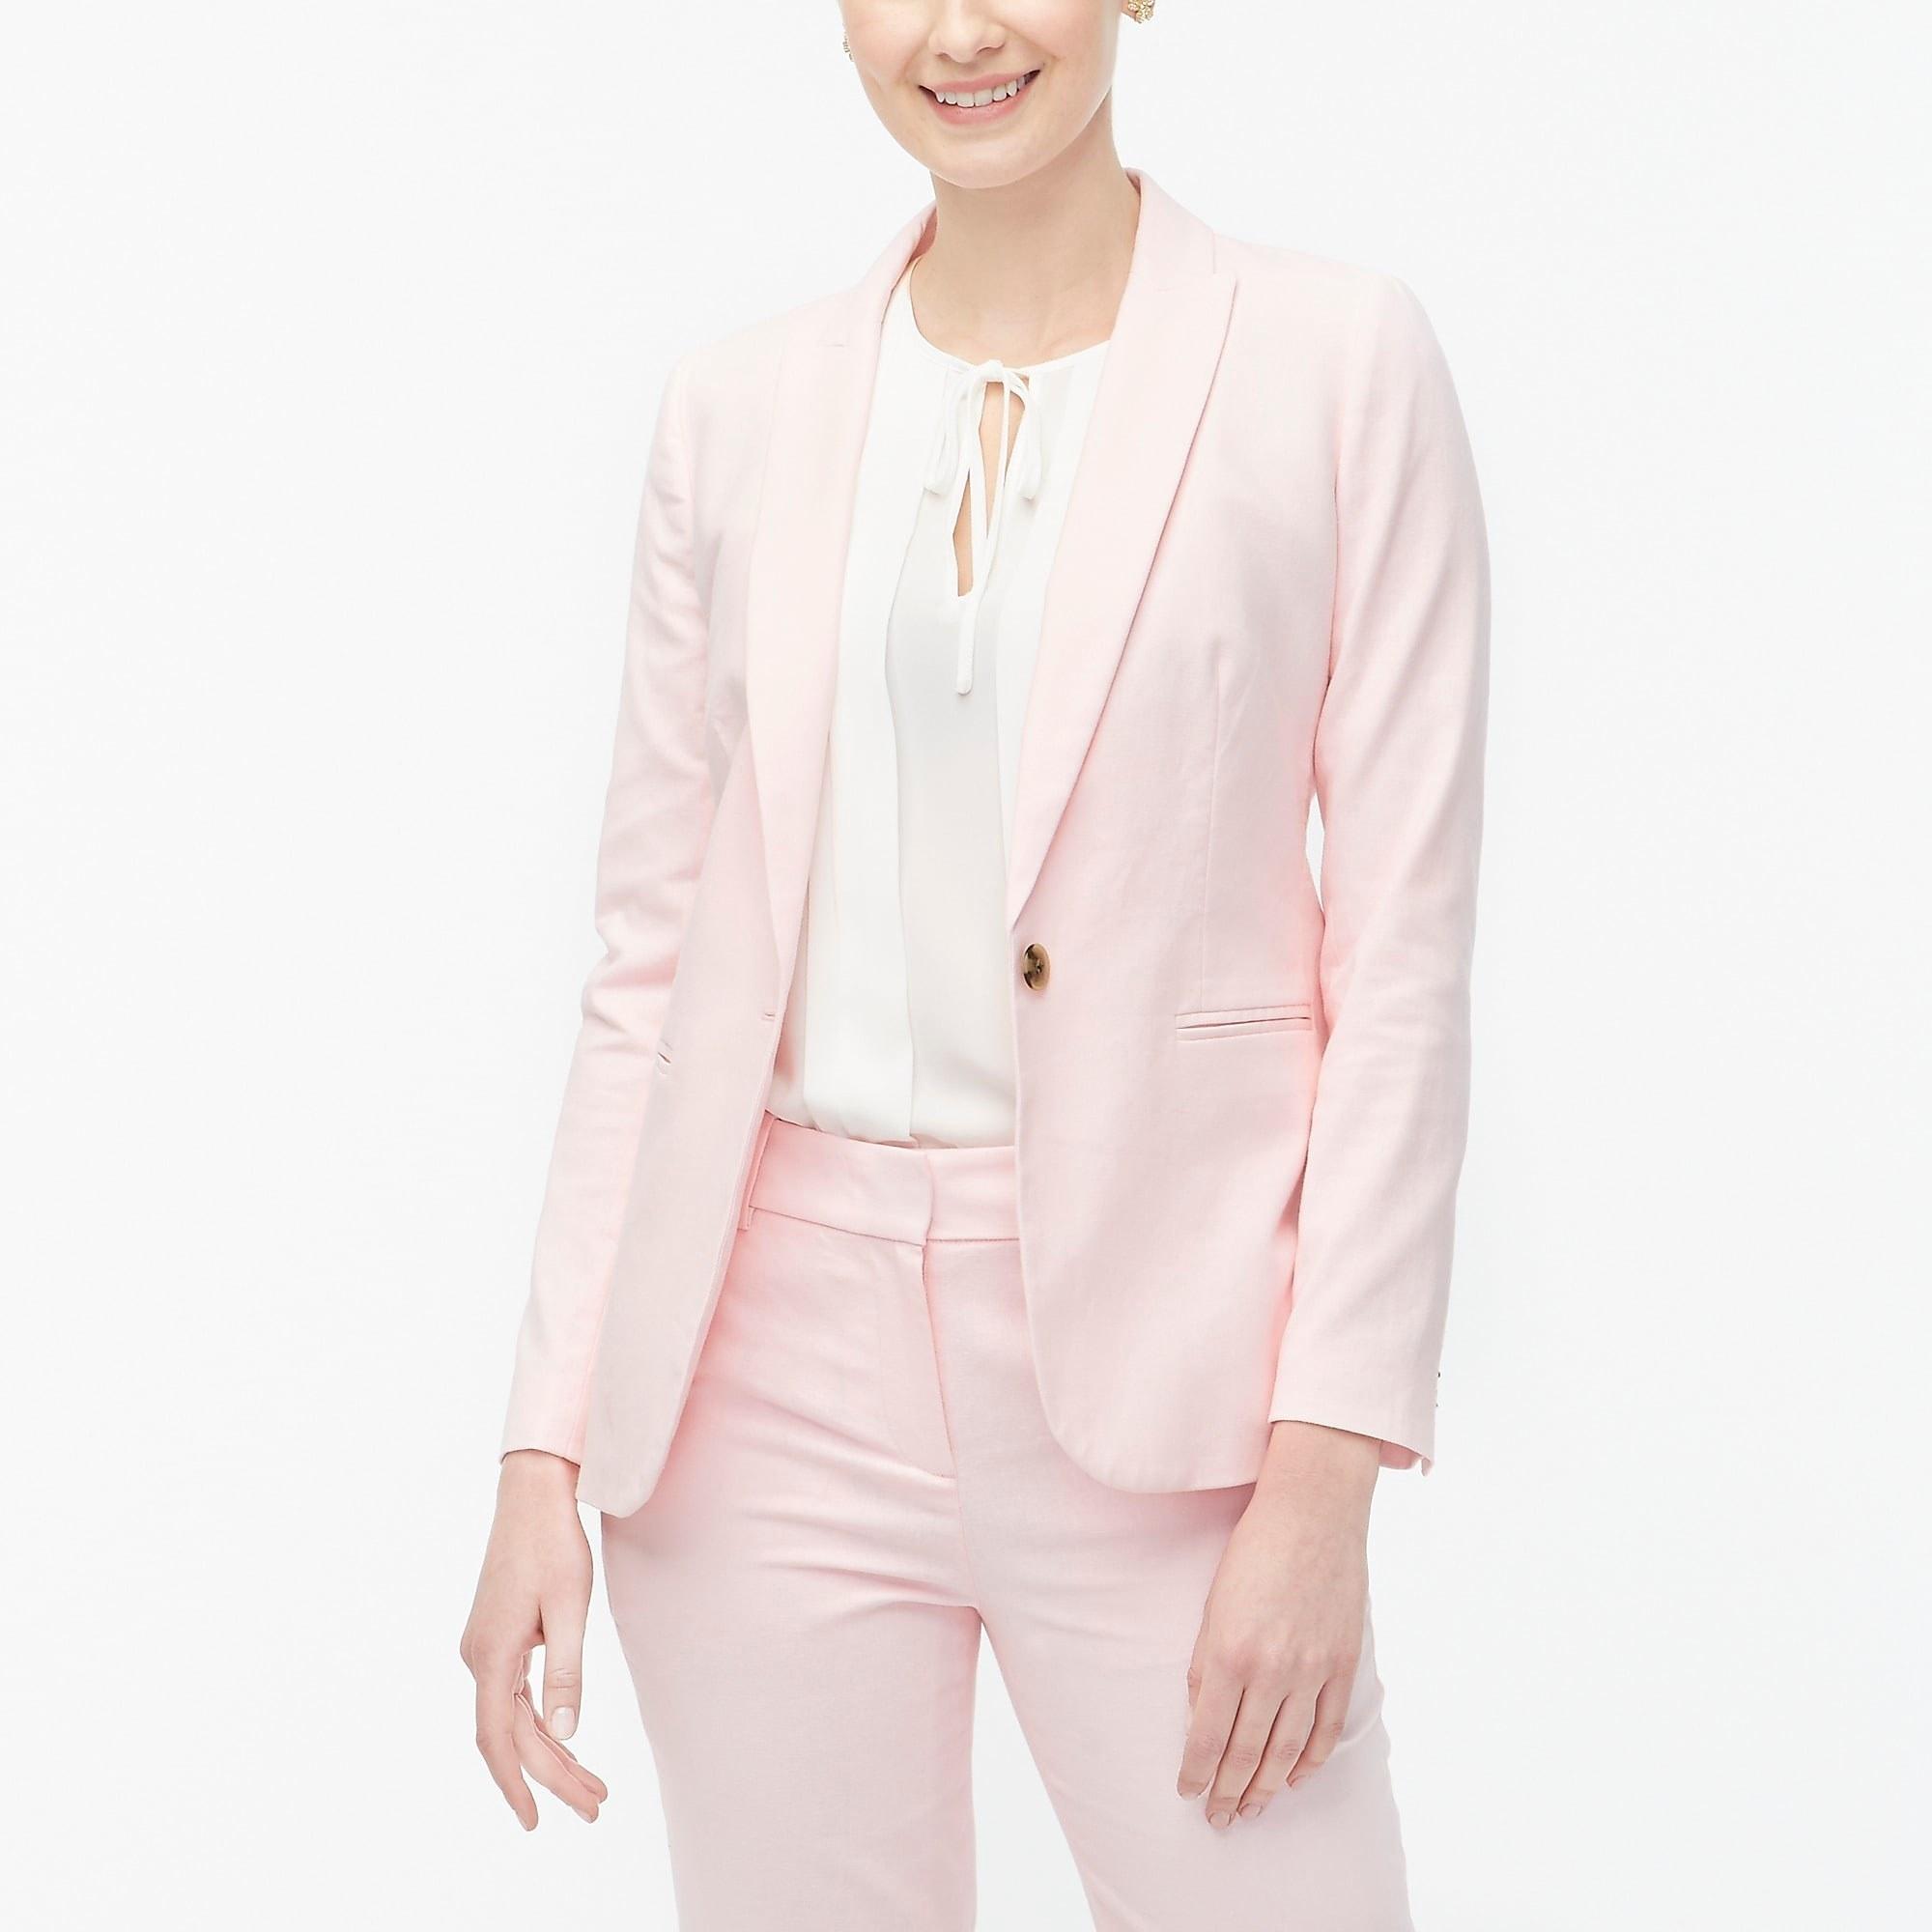 model wearing pink linen blazer